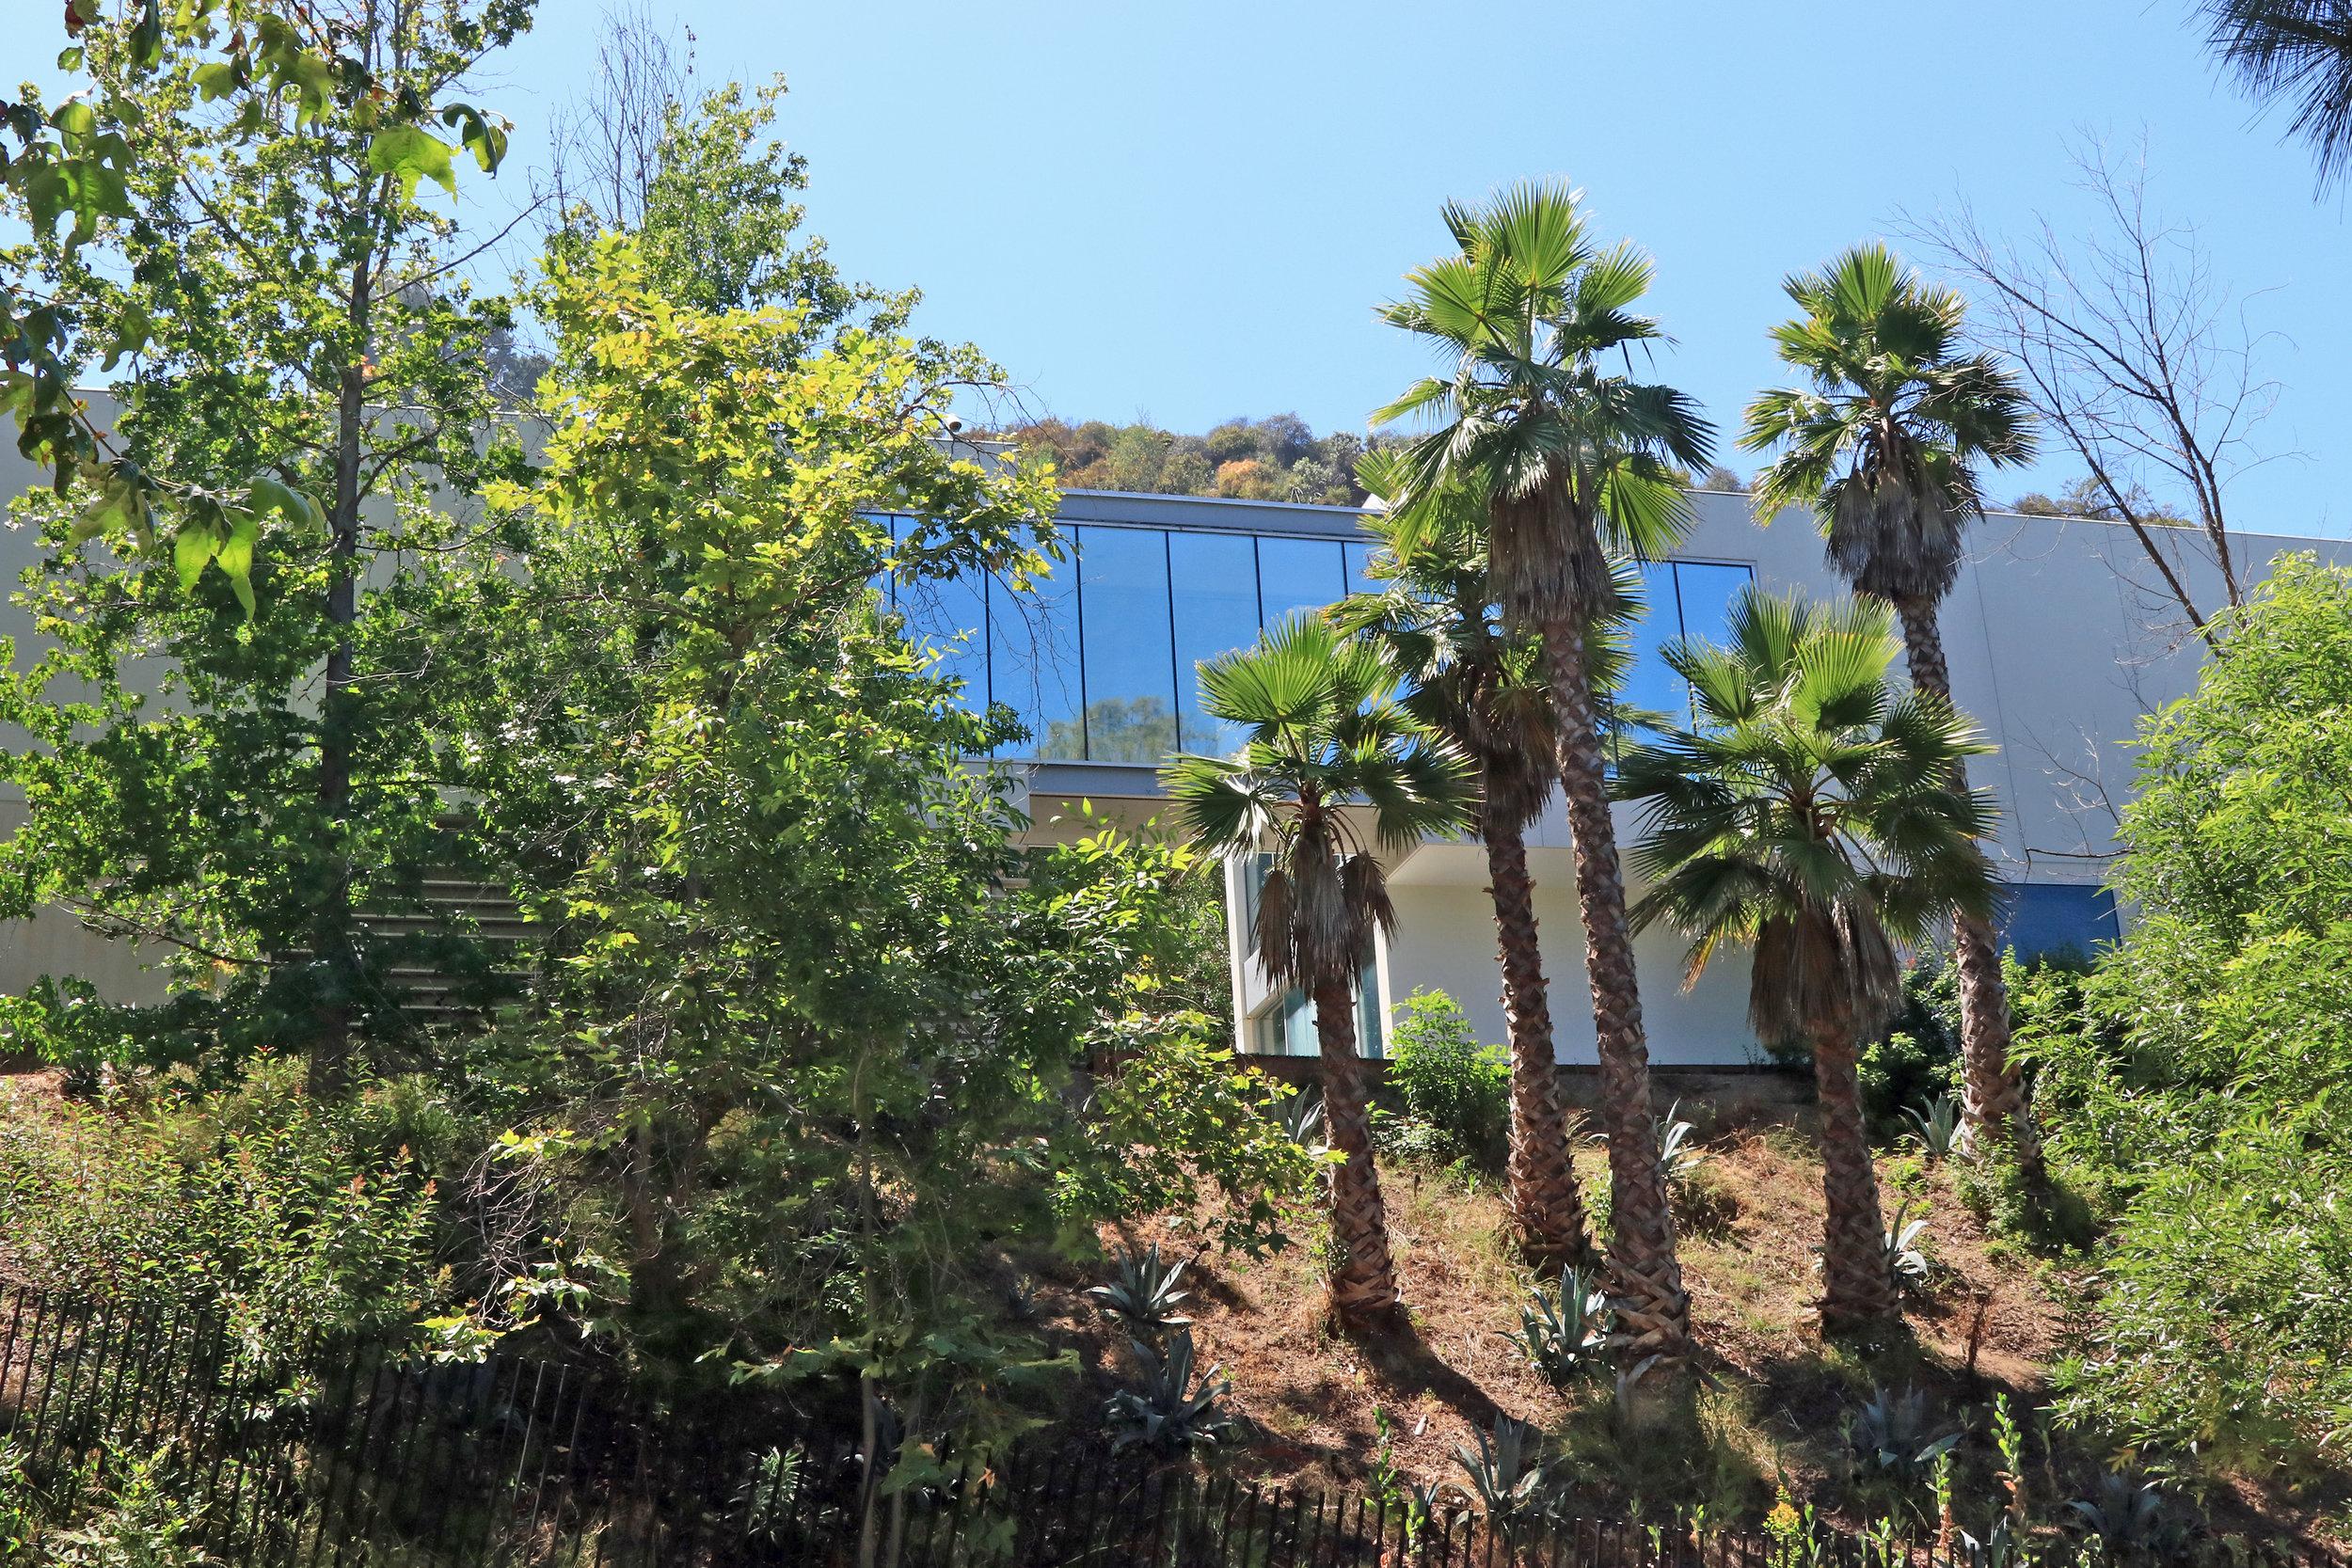 Oshry Residence   Zoltan Pali 2003